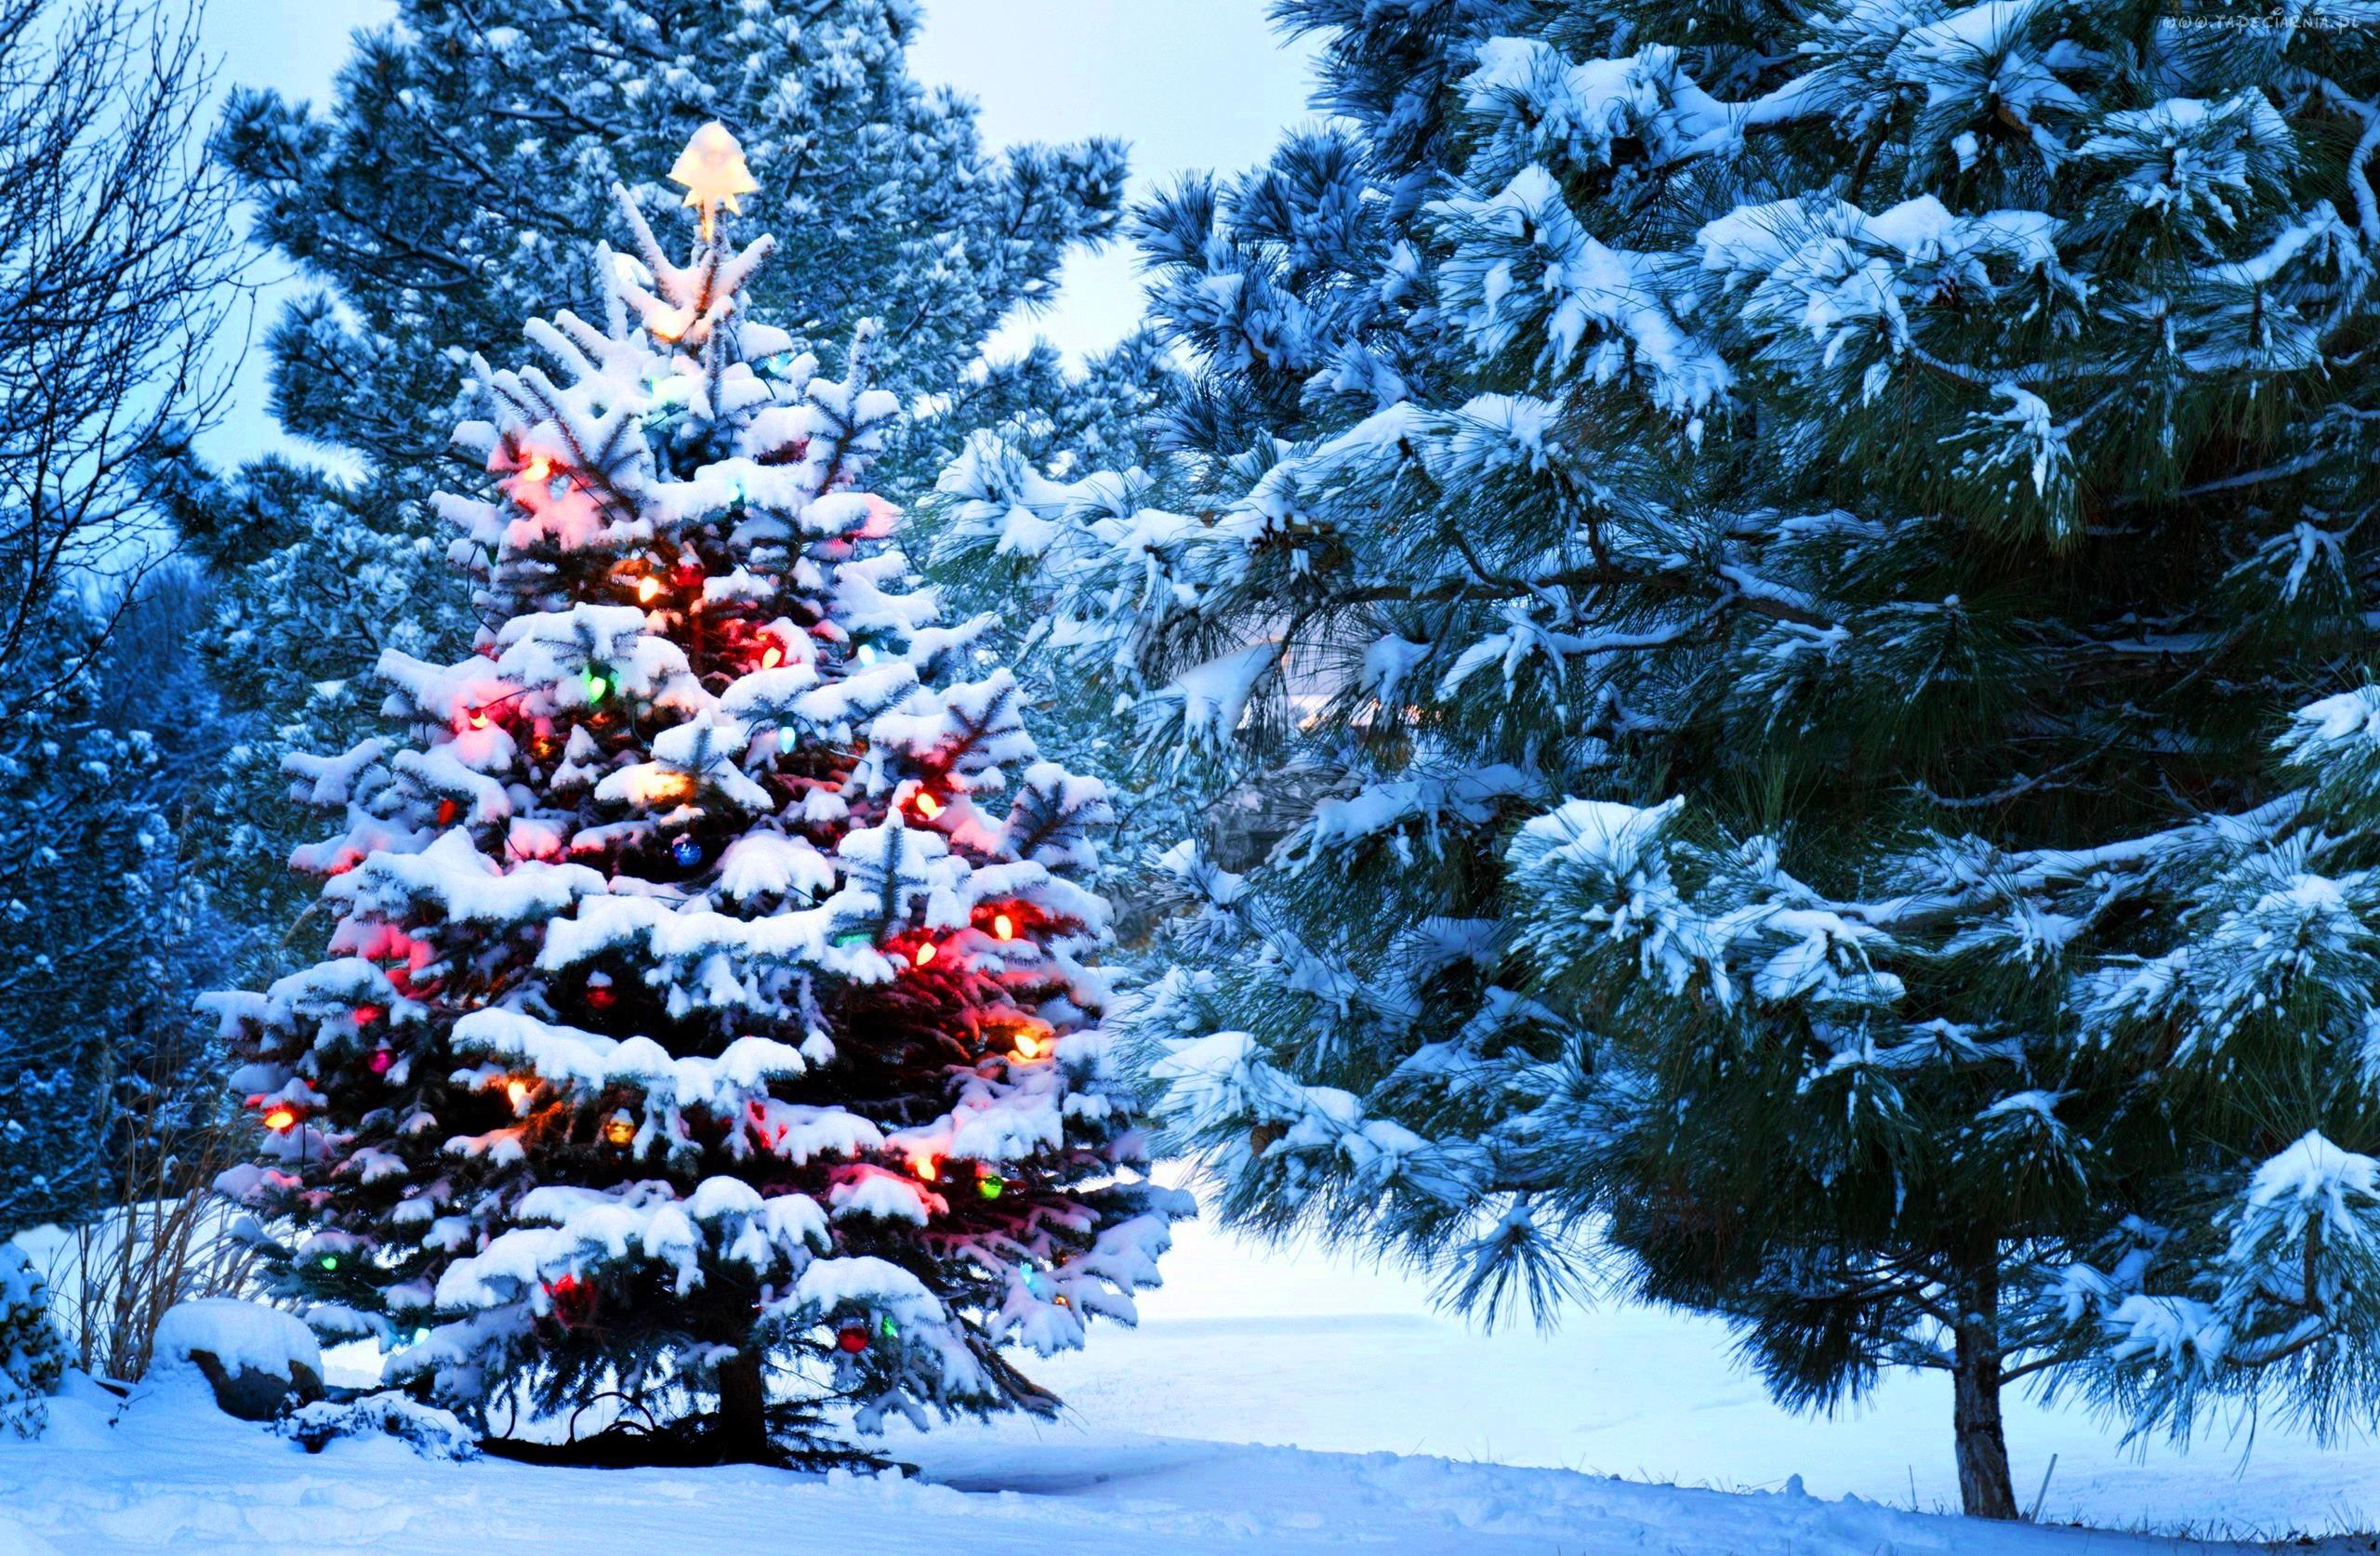 Парк зима ели  № 2388852 бесплатно